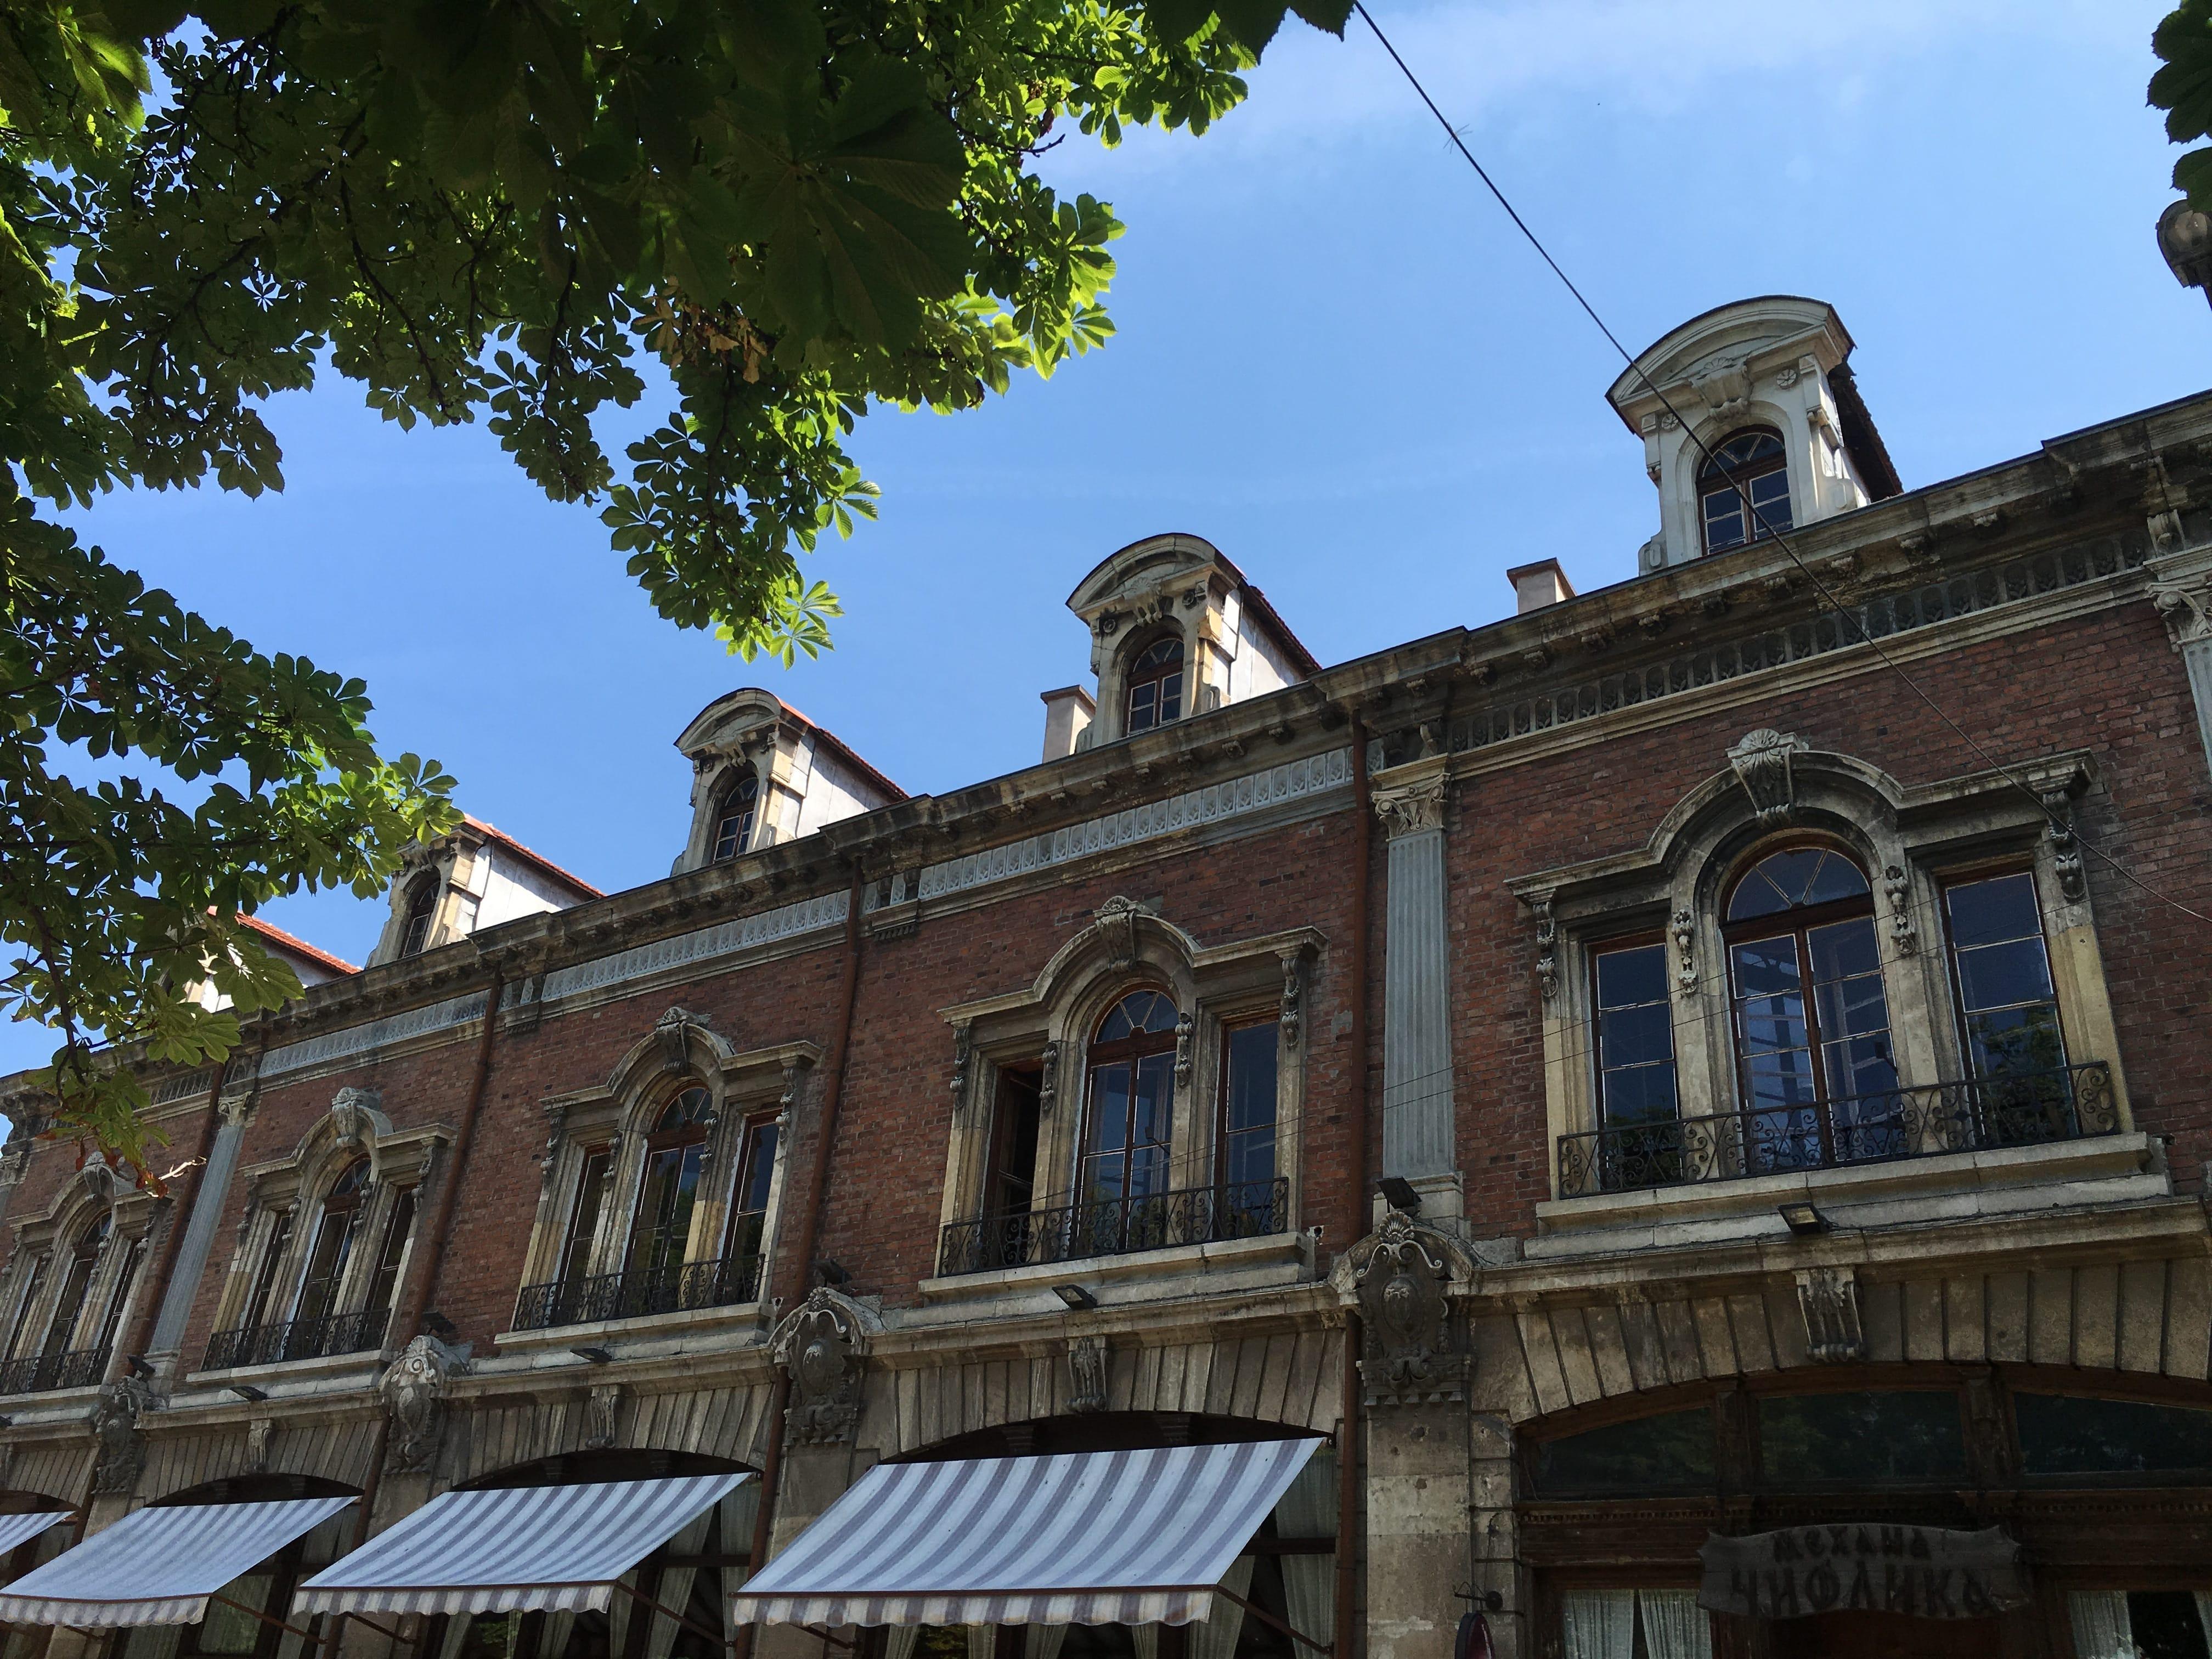 The Kuyumdjians' House